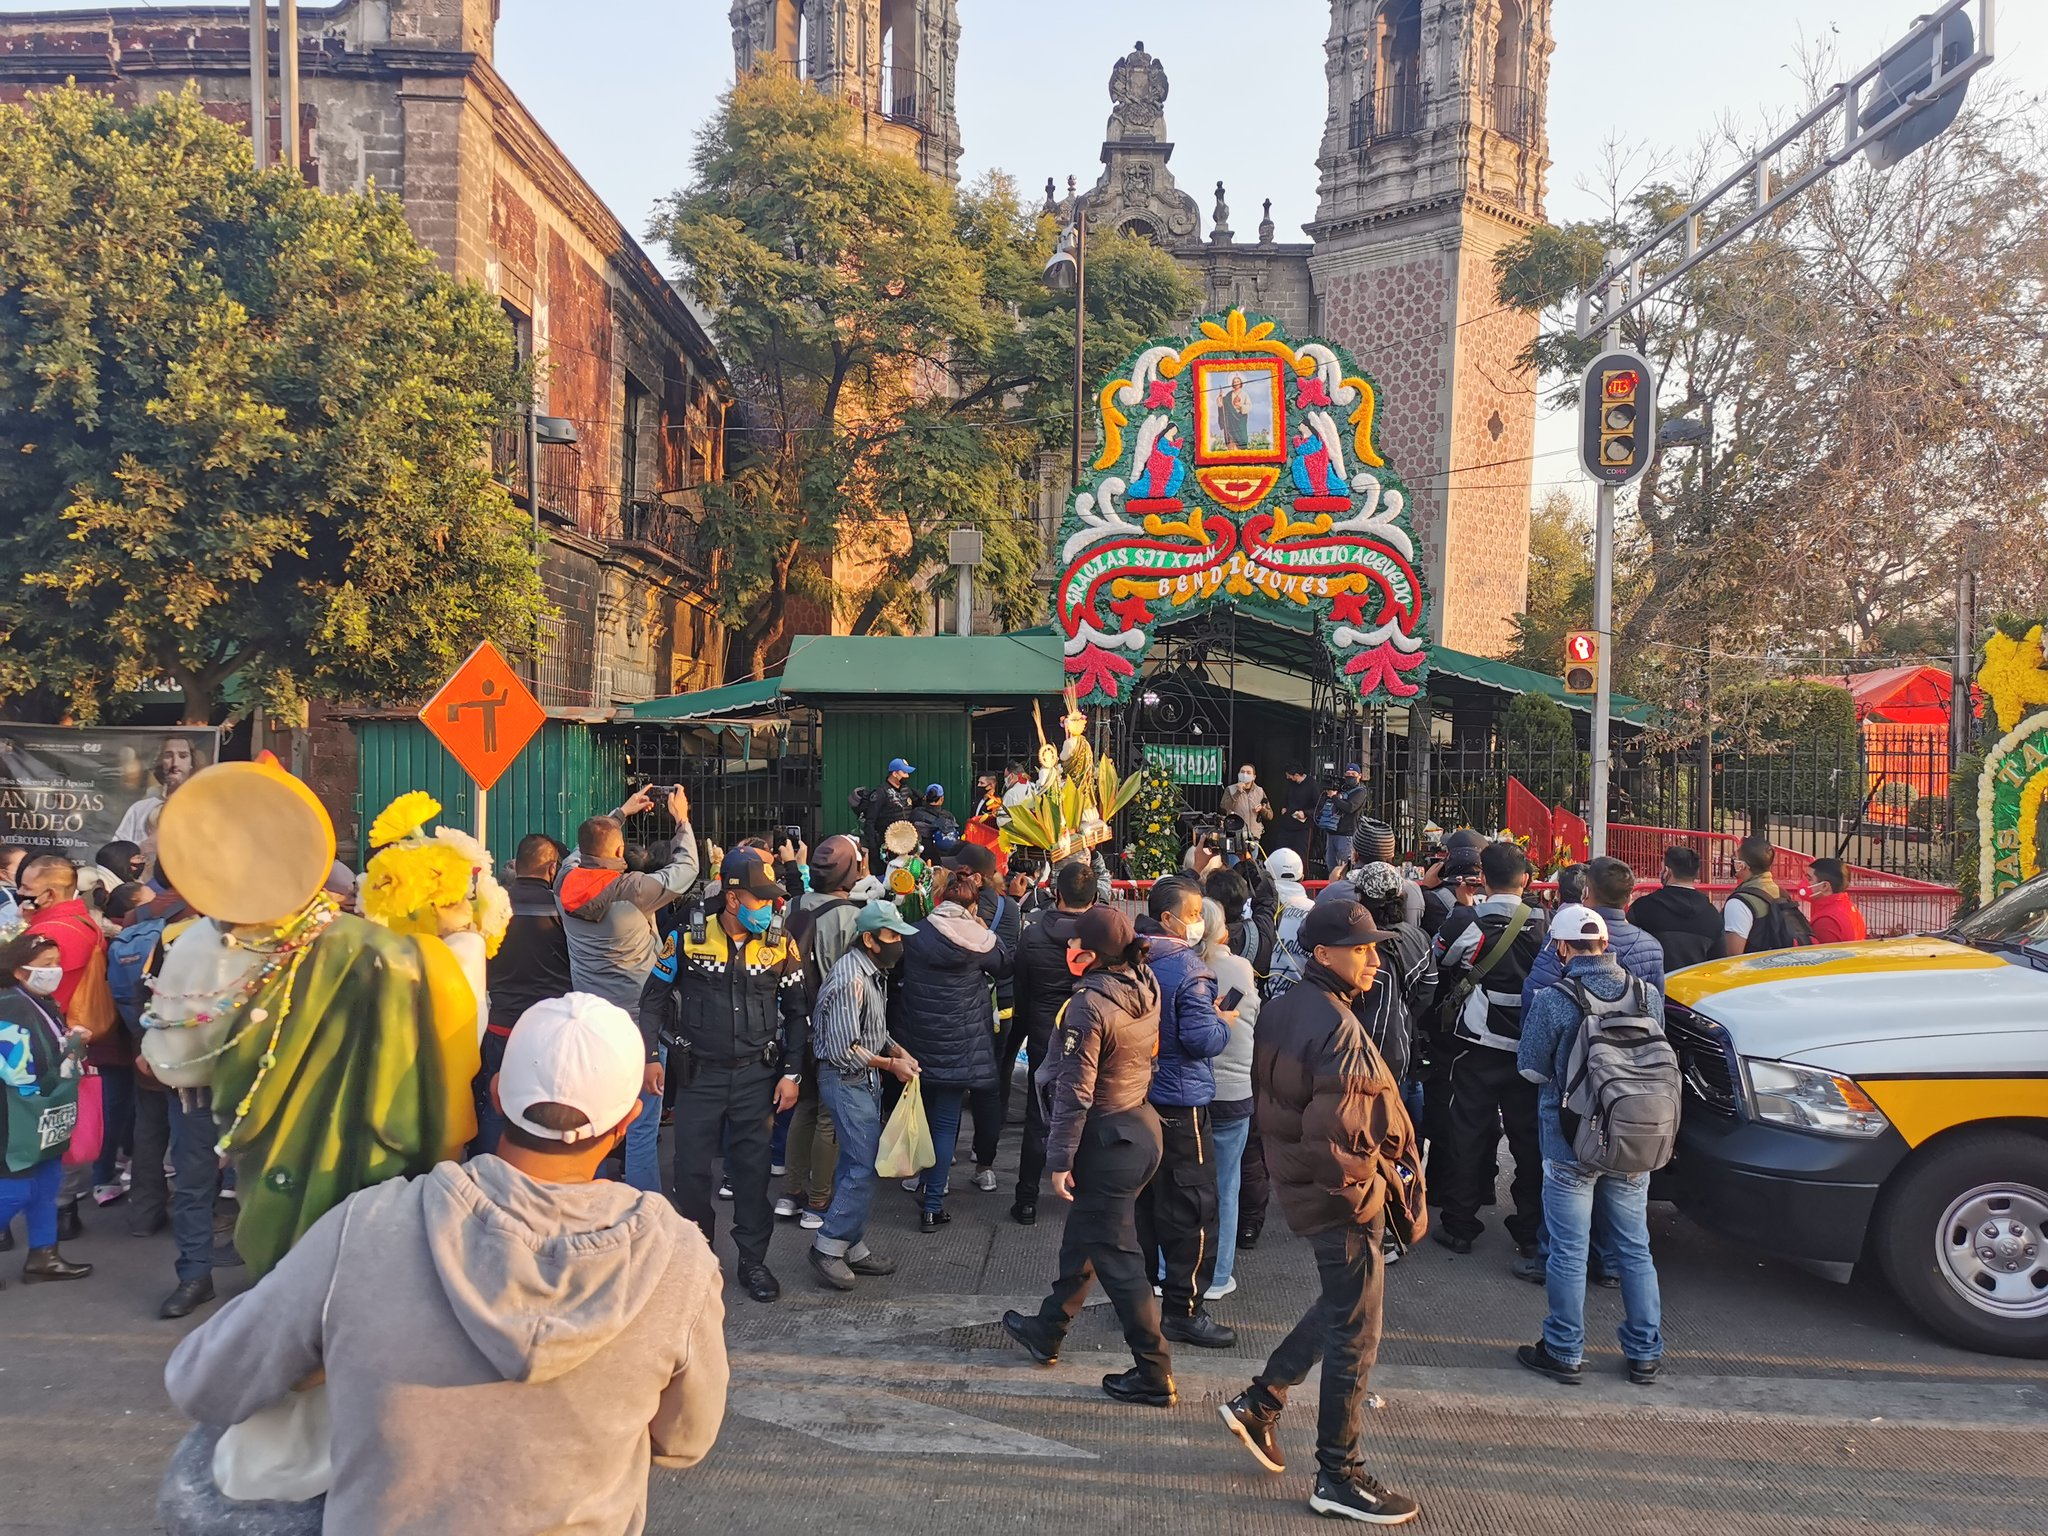 ¡OJO! IGLESIA DE SAN HIPÓLITO ESTARÁ CERRADA ESTE 28 DE NOVIEMBRE